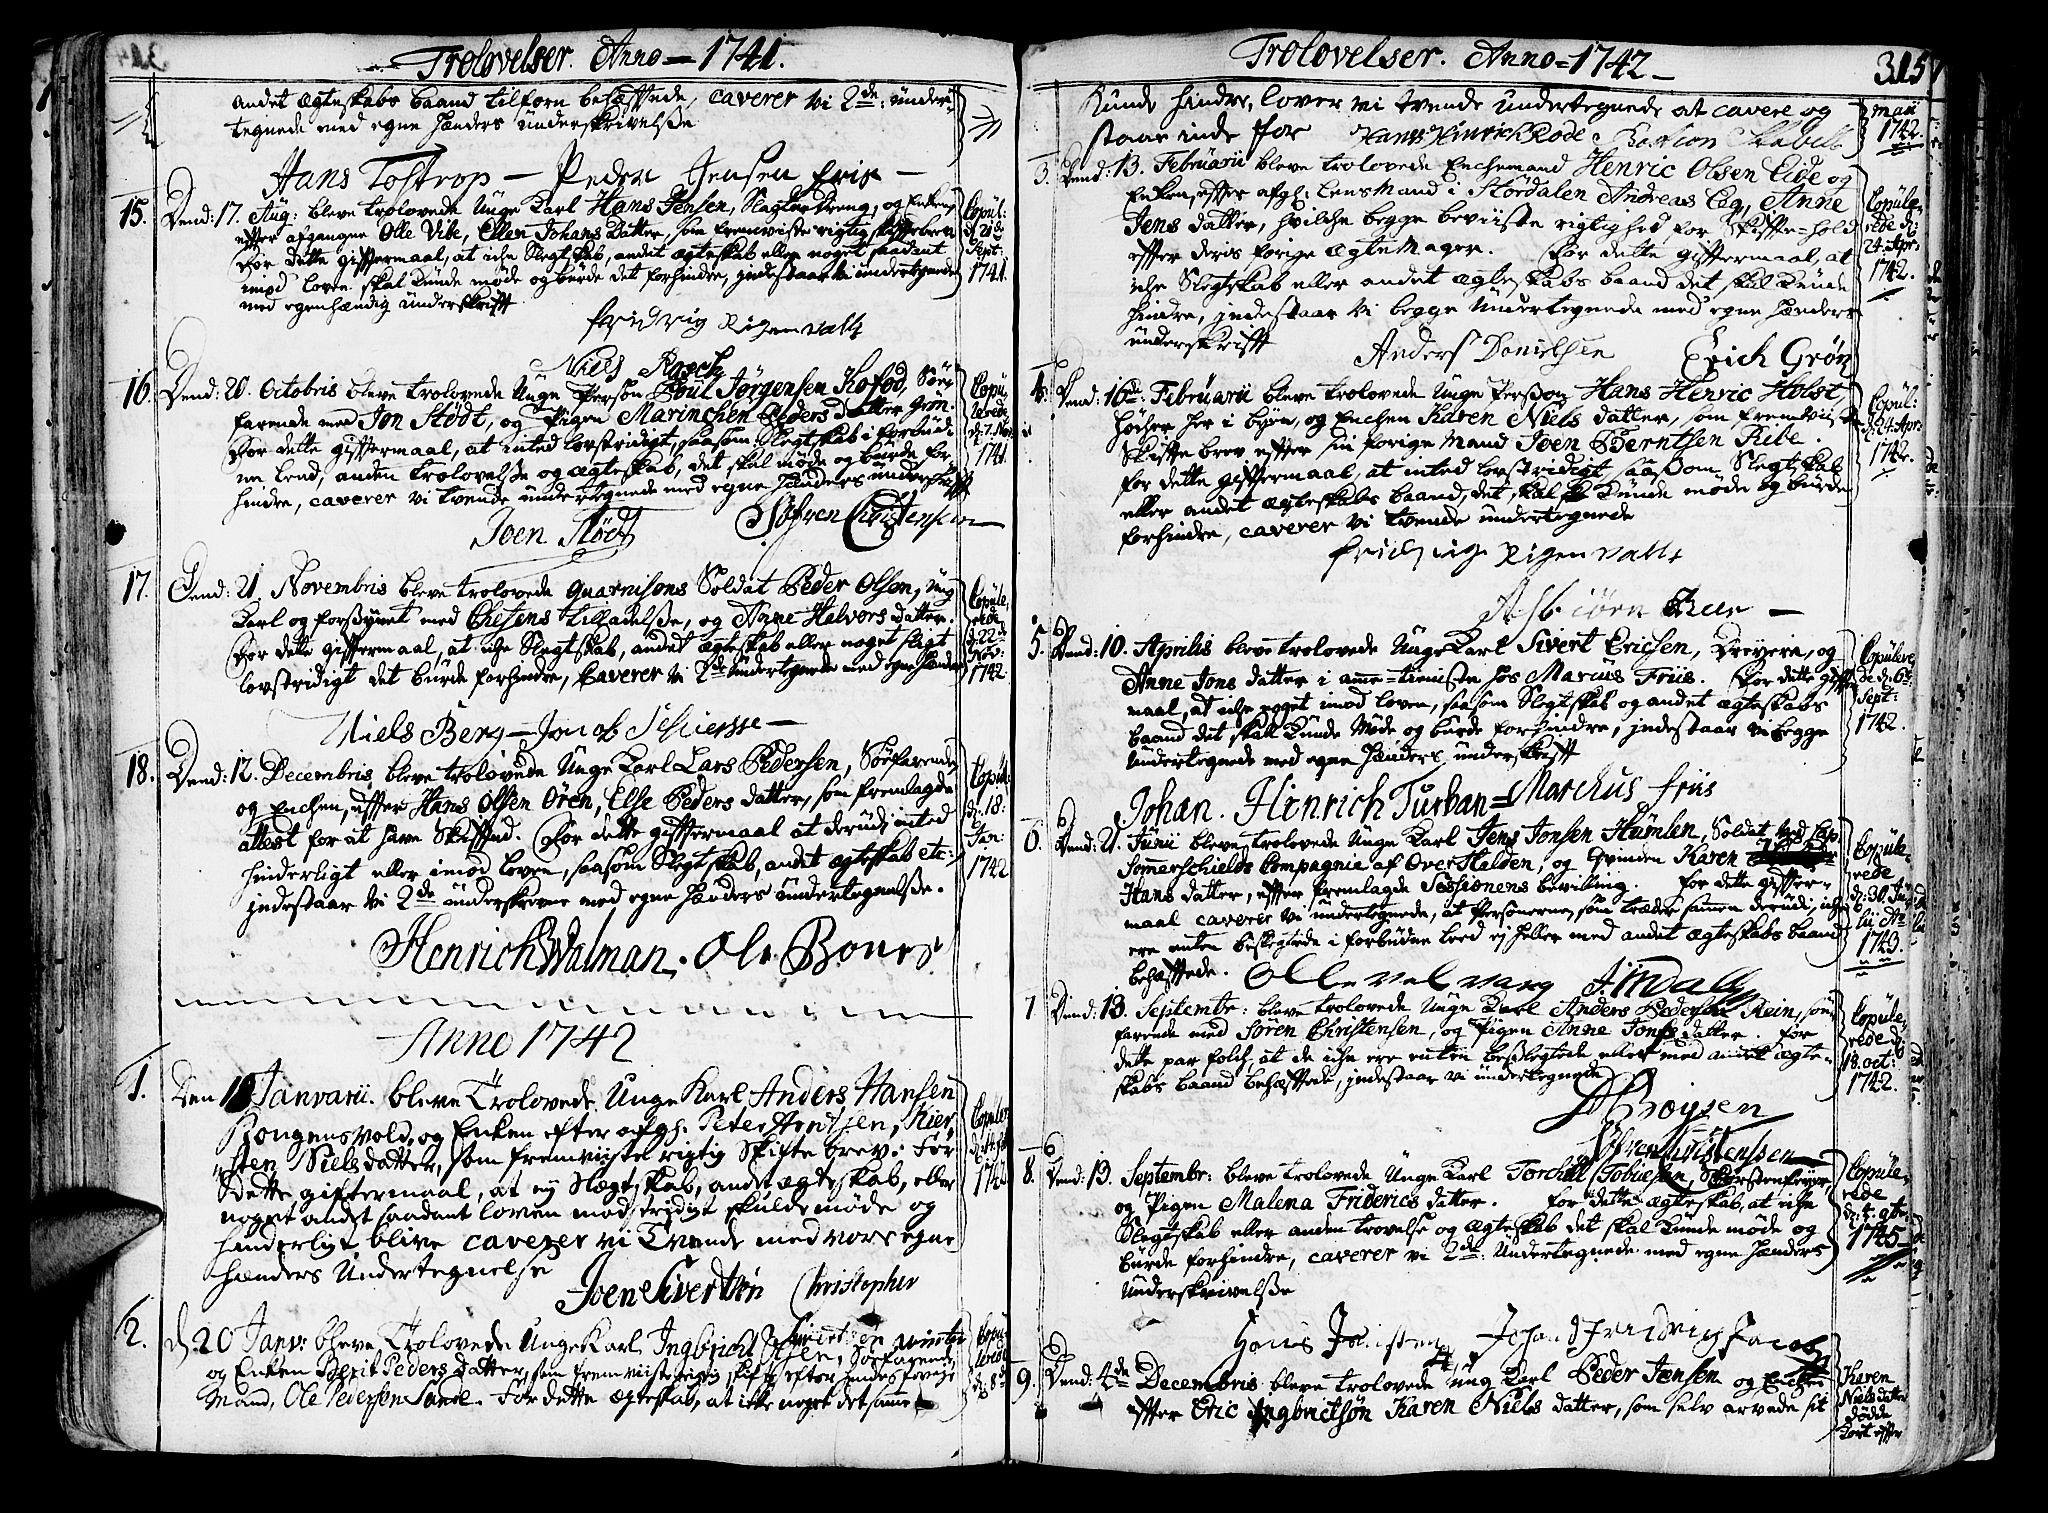 SAT, Ministerialprotokoller, klokkerbøker og fødselsregistre - Sør-Trøndelag, 602/L0103: Ministerialbok nr. 602A01, 1732-1774, s. 315